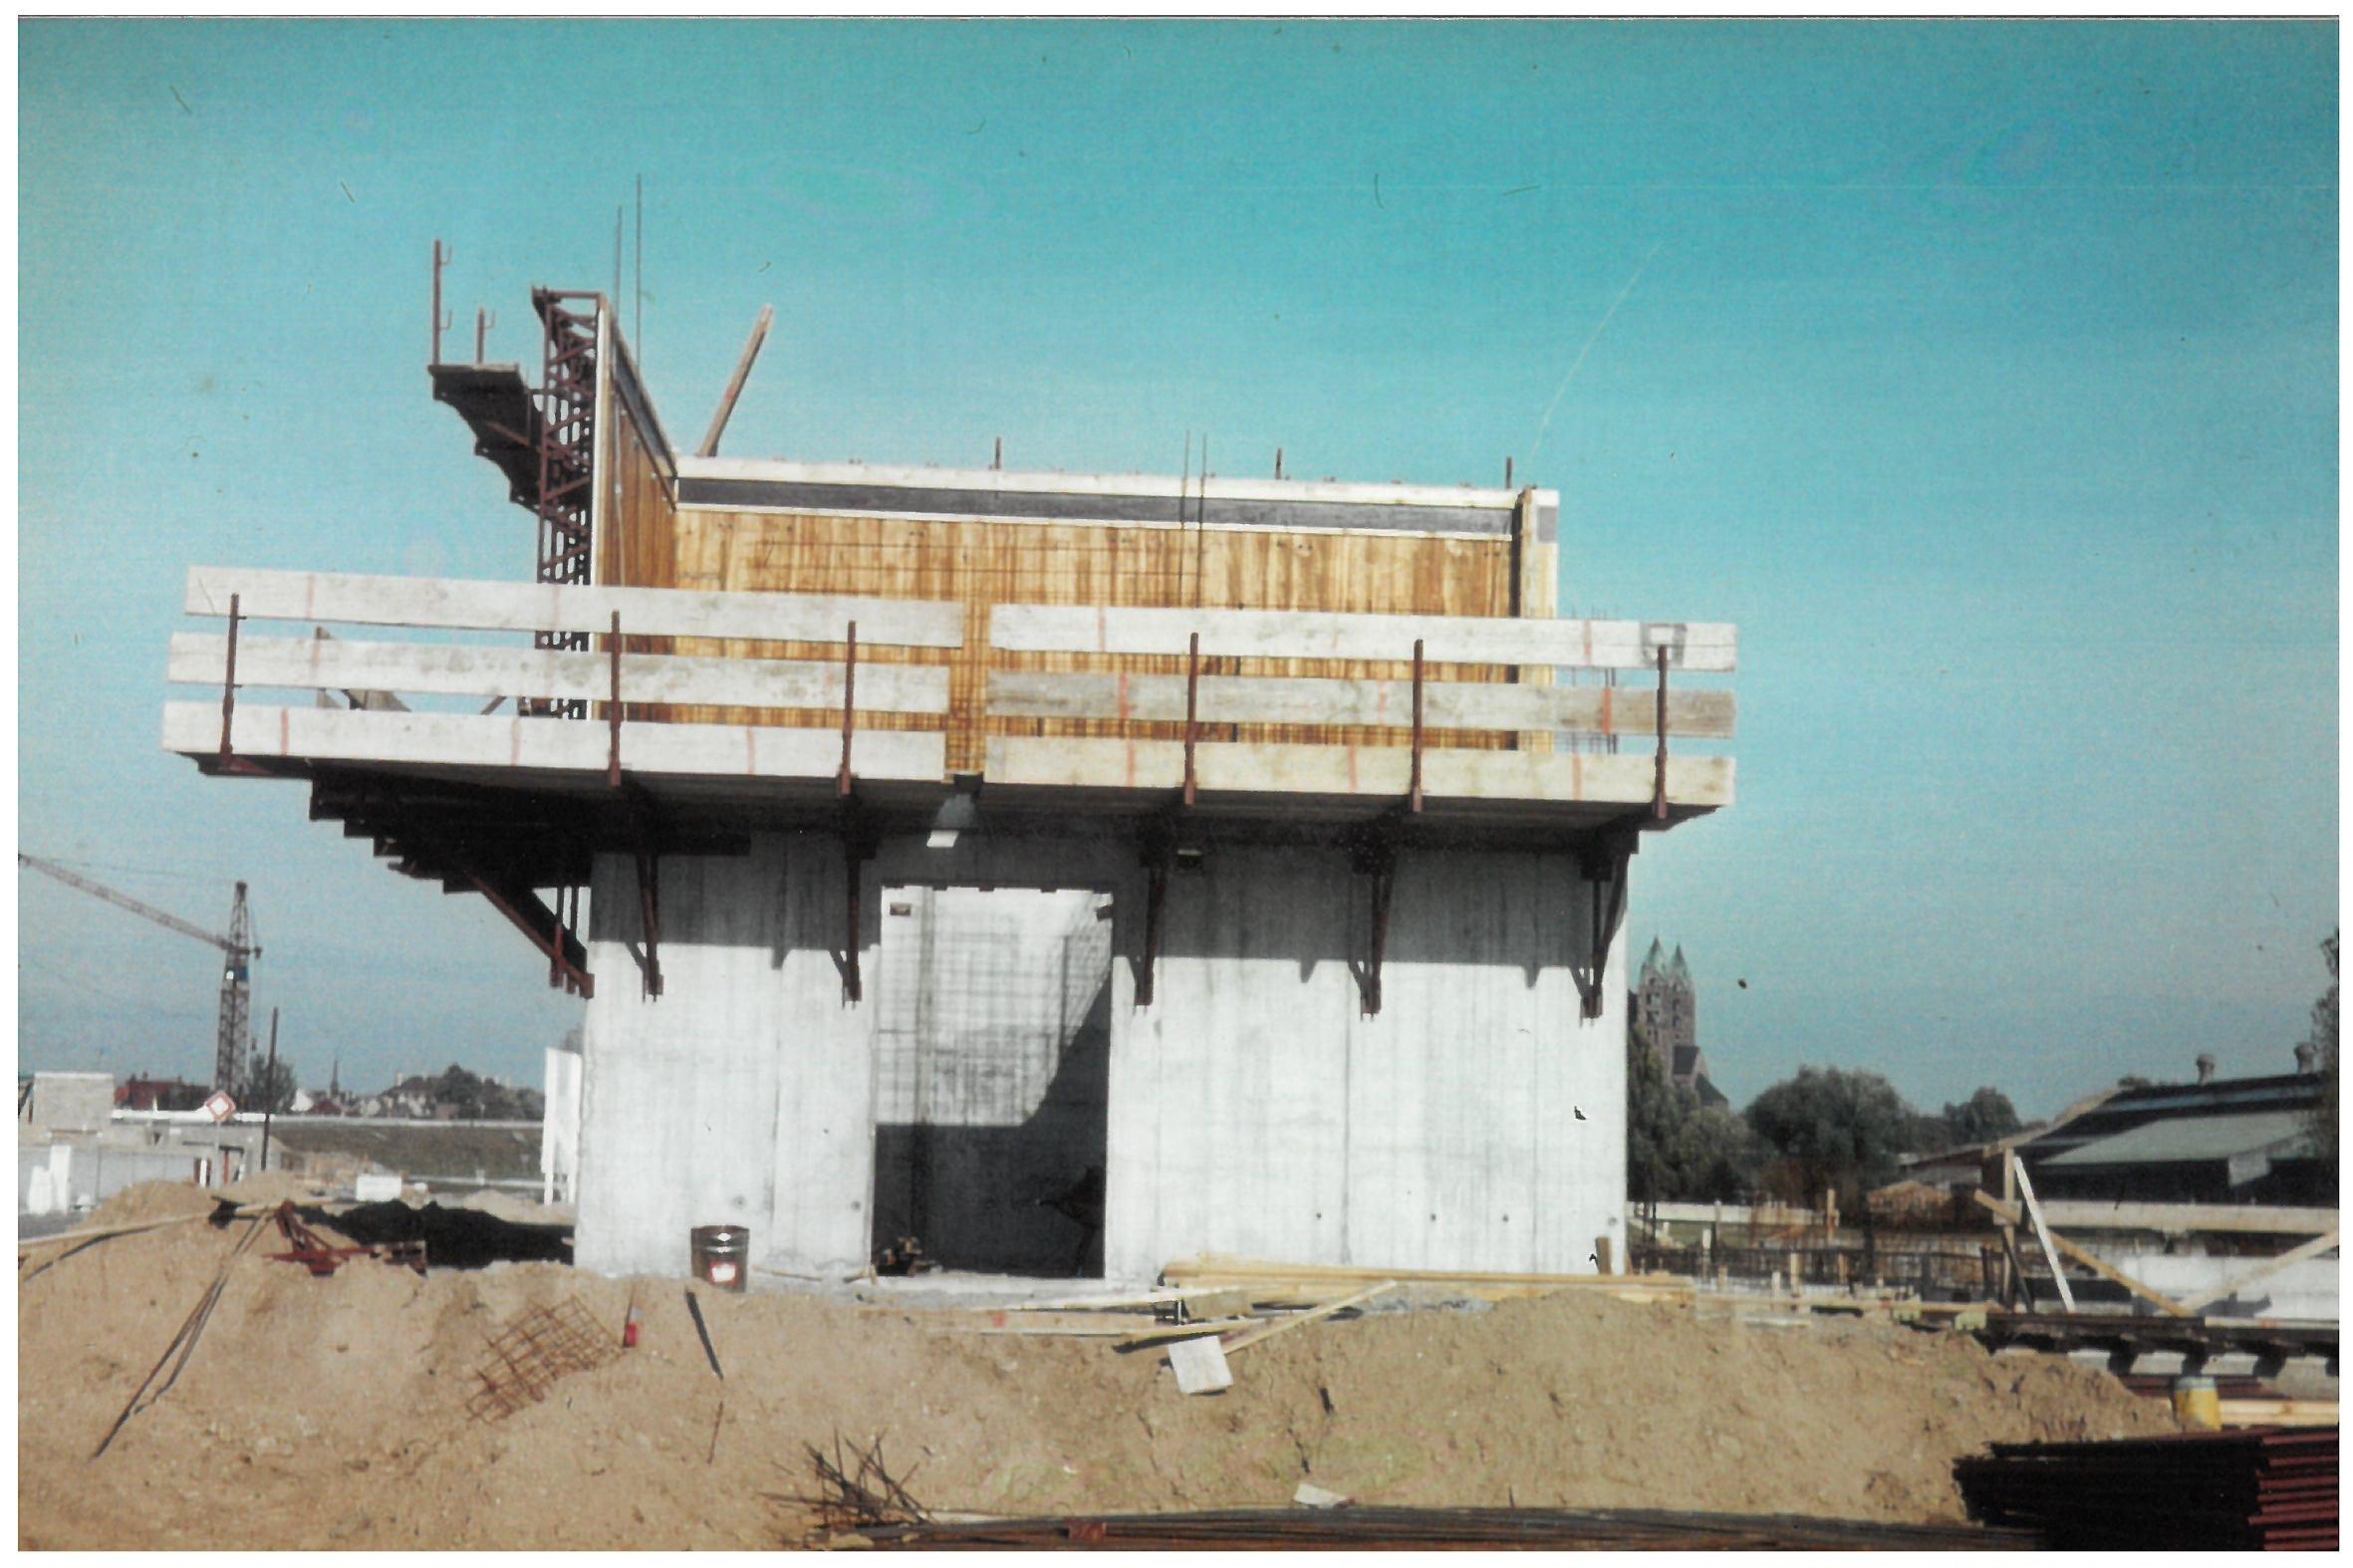 1973 Bau 04